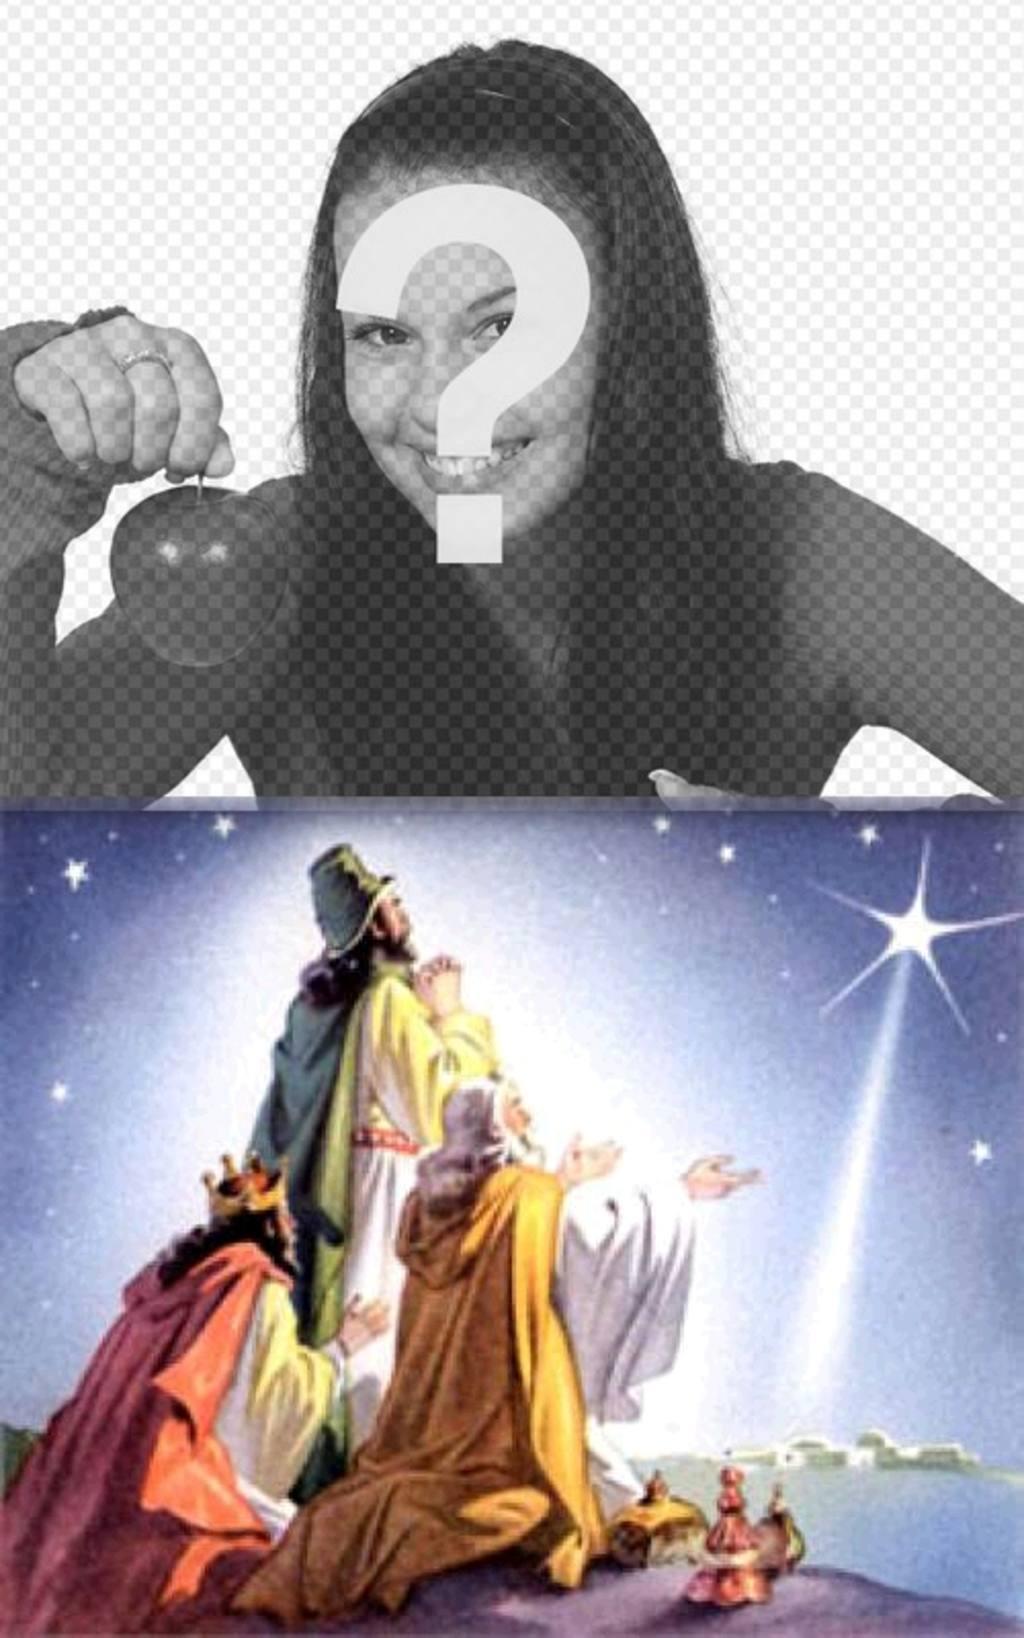 """Christmas Card dei tre saggi uomini d""""Oriente con le loro offerte a venire a Betlemme, seguendo la stella che ha segnato le Jesús.Podemos bambino mettere una foto di nostra scelta. Si congratula con le vacanze con lei"""